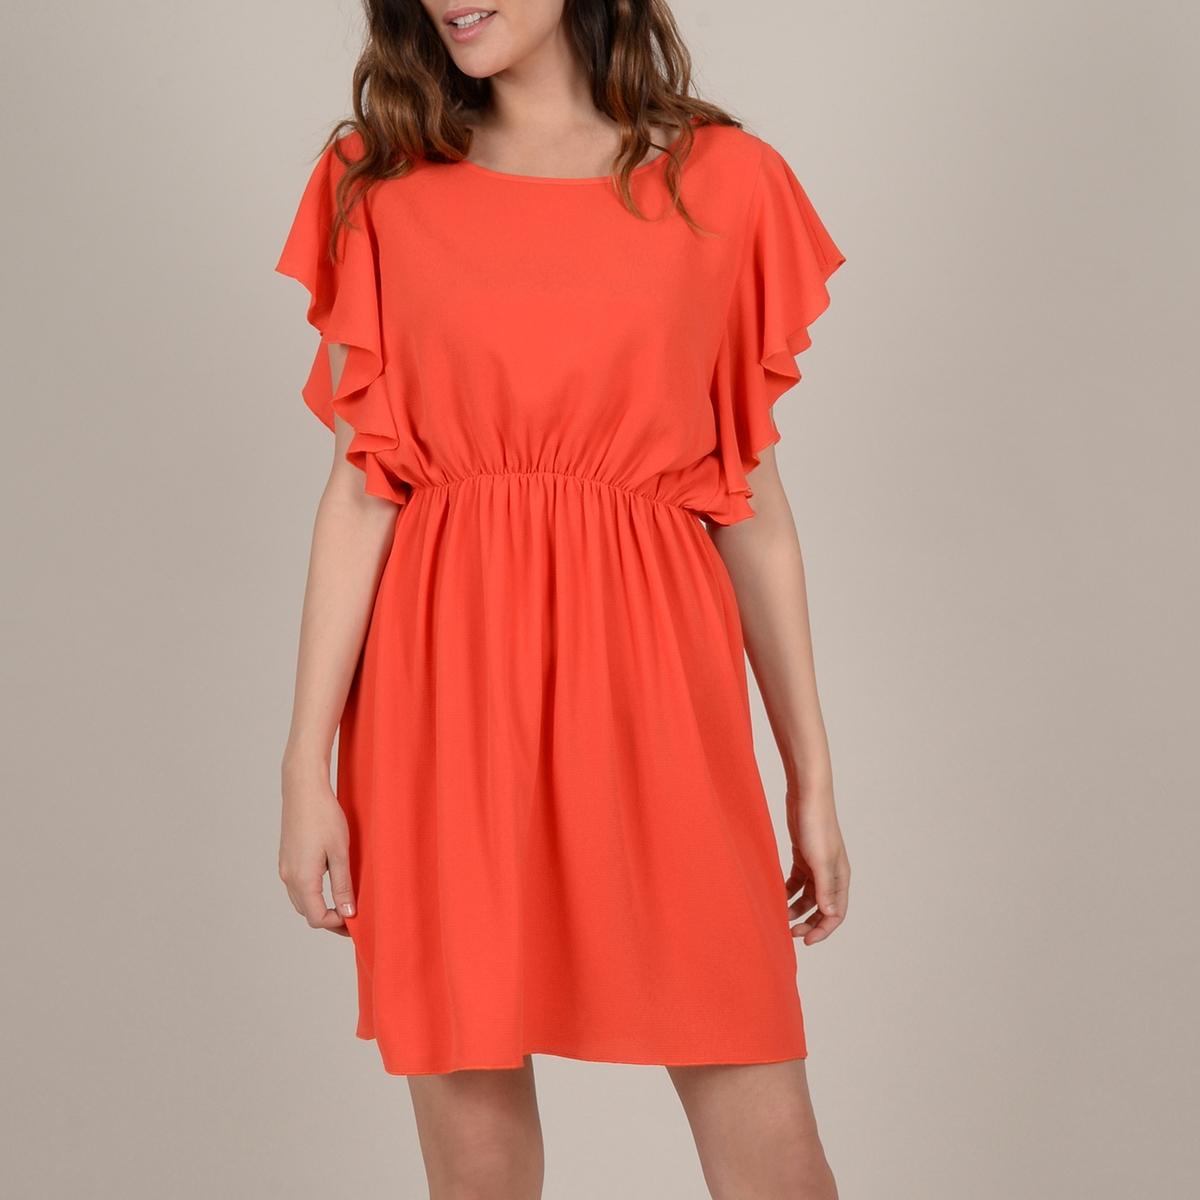 Платье La Redoute С короткими рукавами с воланами и эластичным поясом S/M красный платье la redoute с цветочным рисунком короткими рукавами и воланами на груди s оранжевый